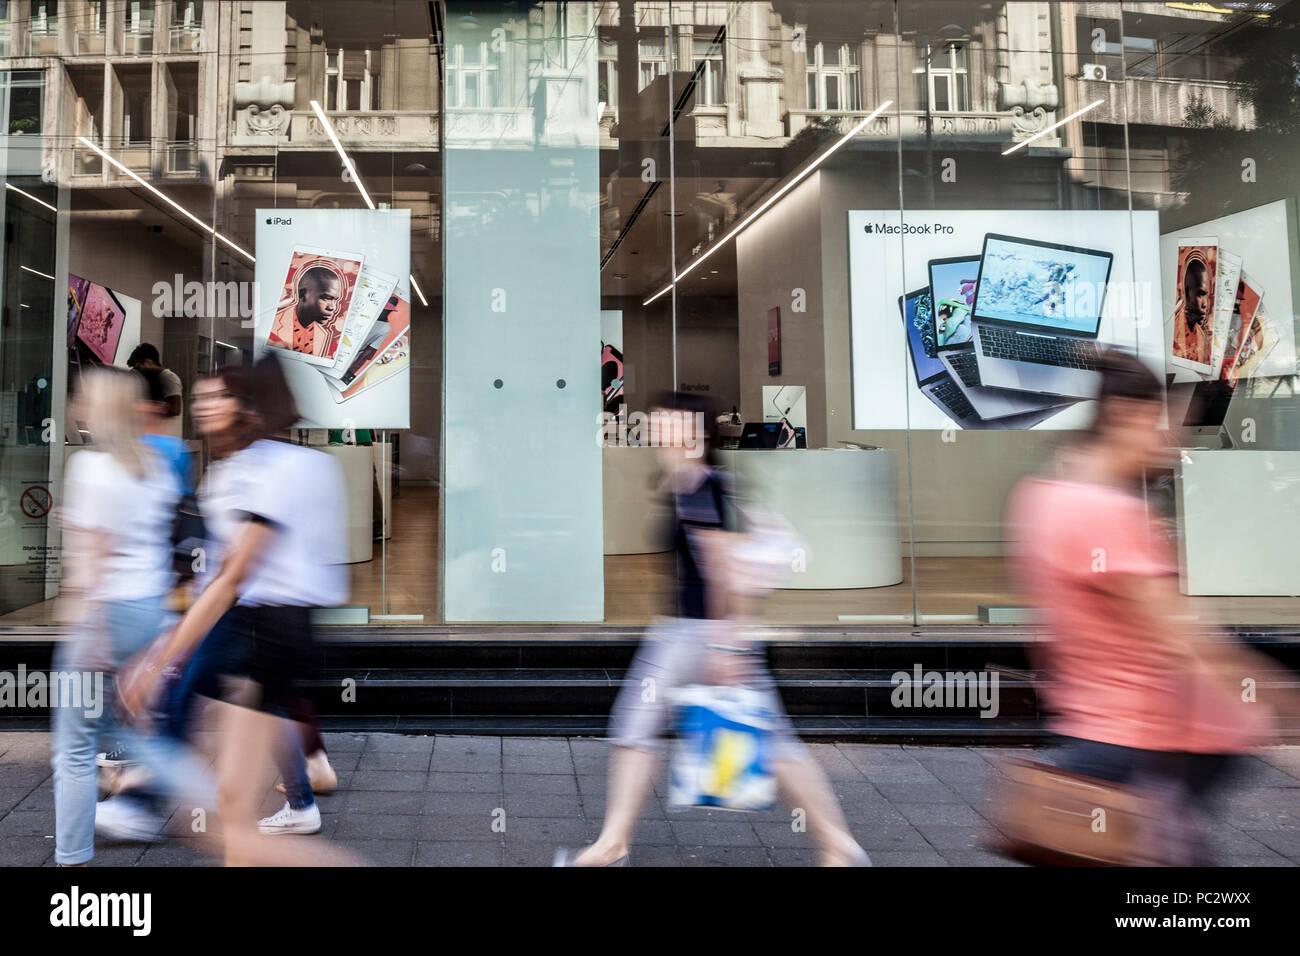 BELGRADE, SERBIE - 11 juillet 2018: le logo Apple Premium Reseller Apple Store de Belgrade avec les gens passer devant. Apple Store est une chaîne de ret Photo Stock